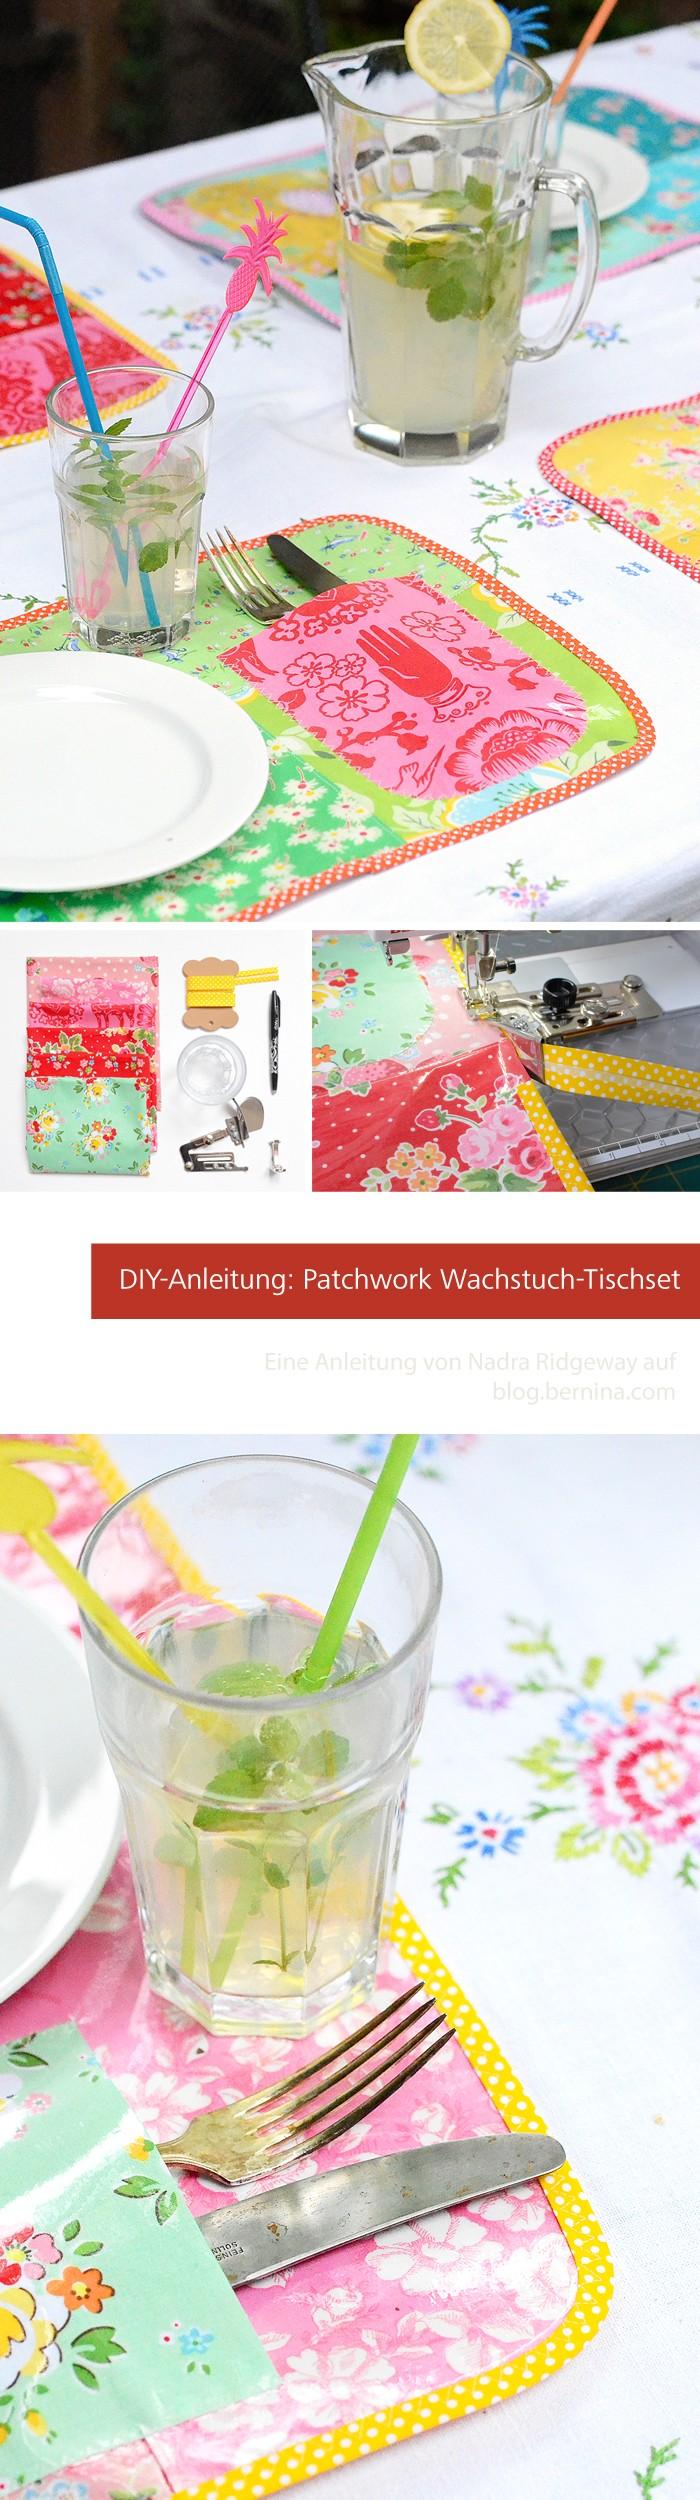 Patchwork Wachstuch-Tischset Tutorial von Nadra Ridgeway